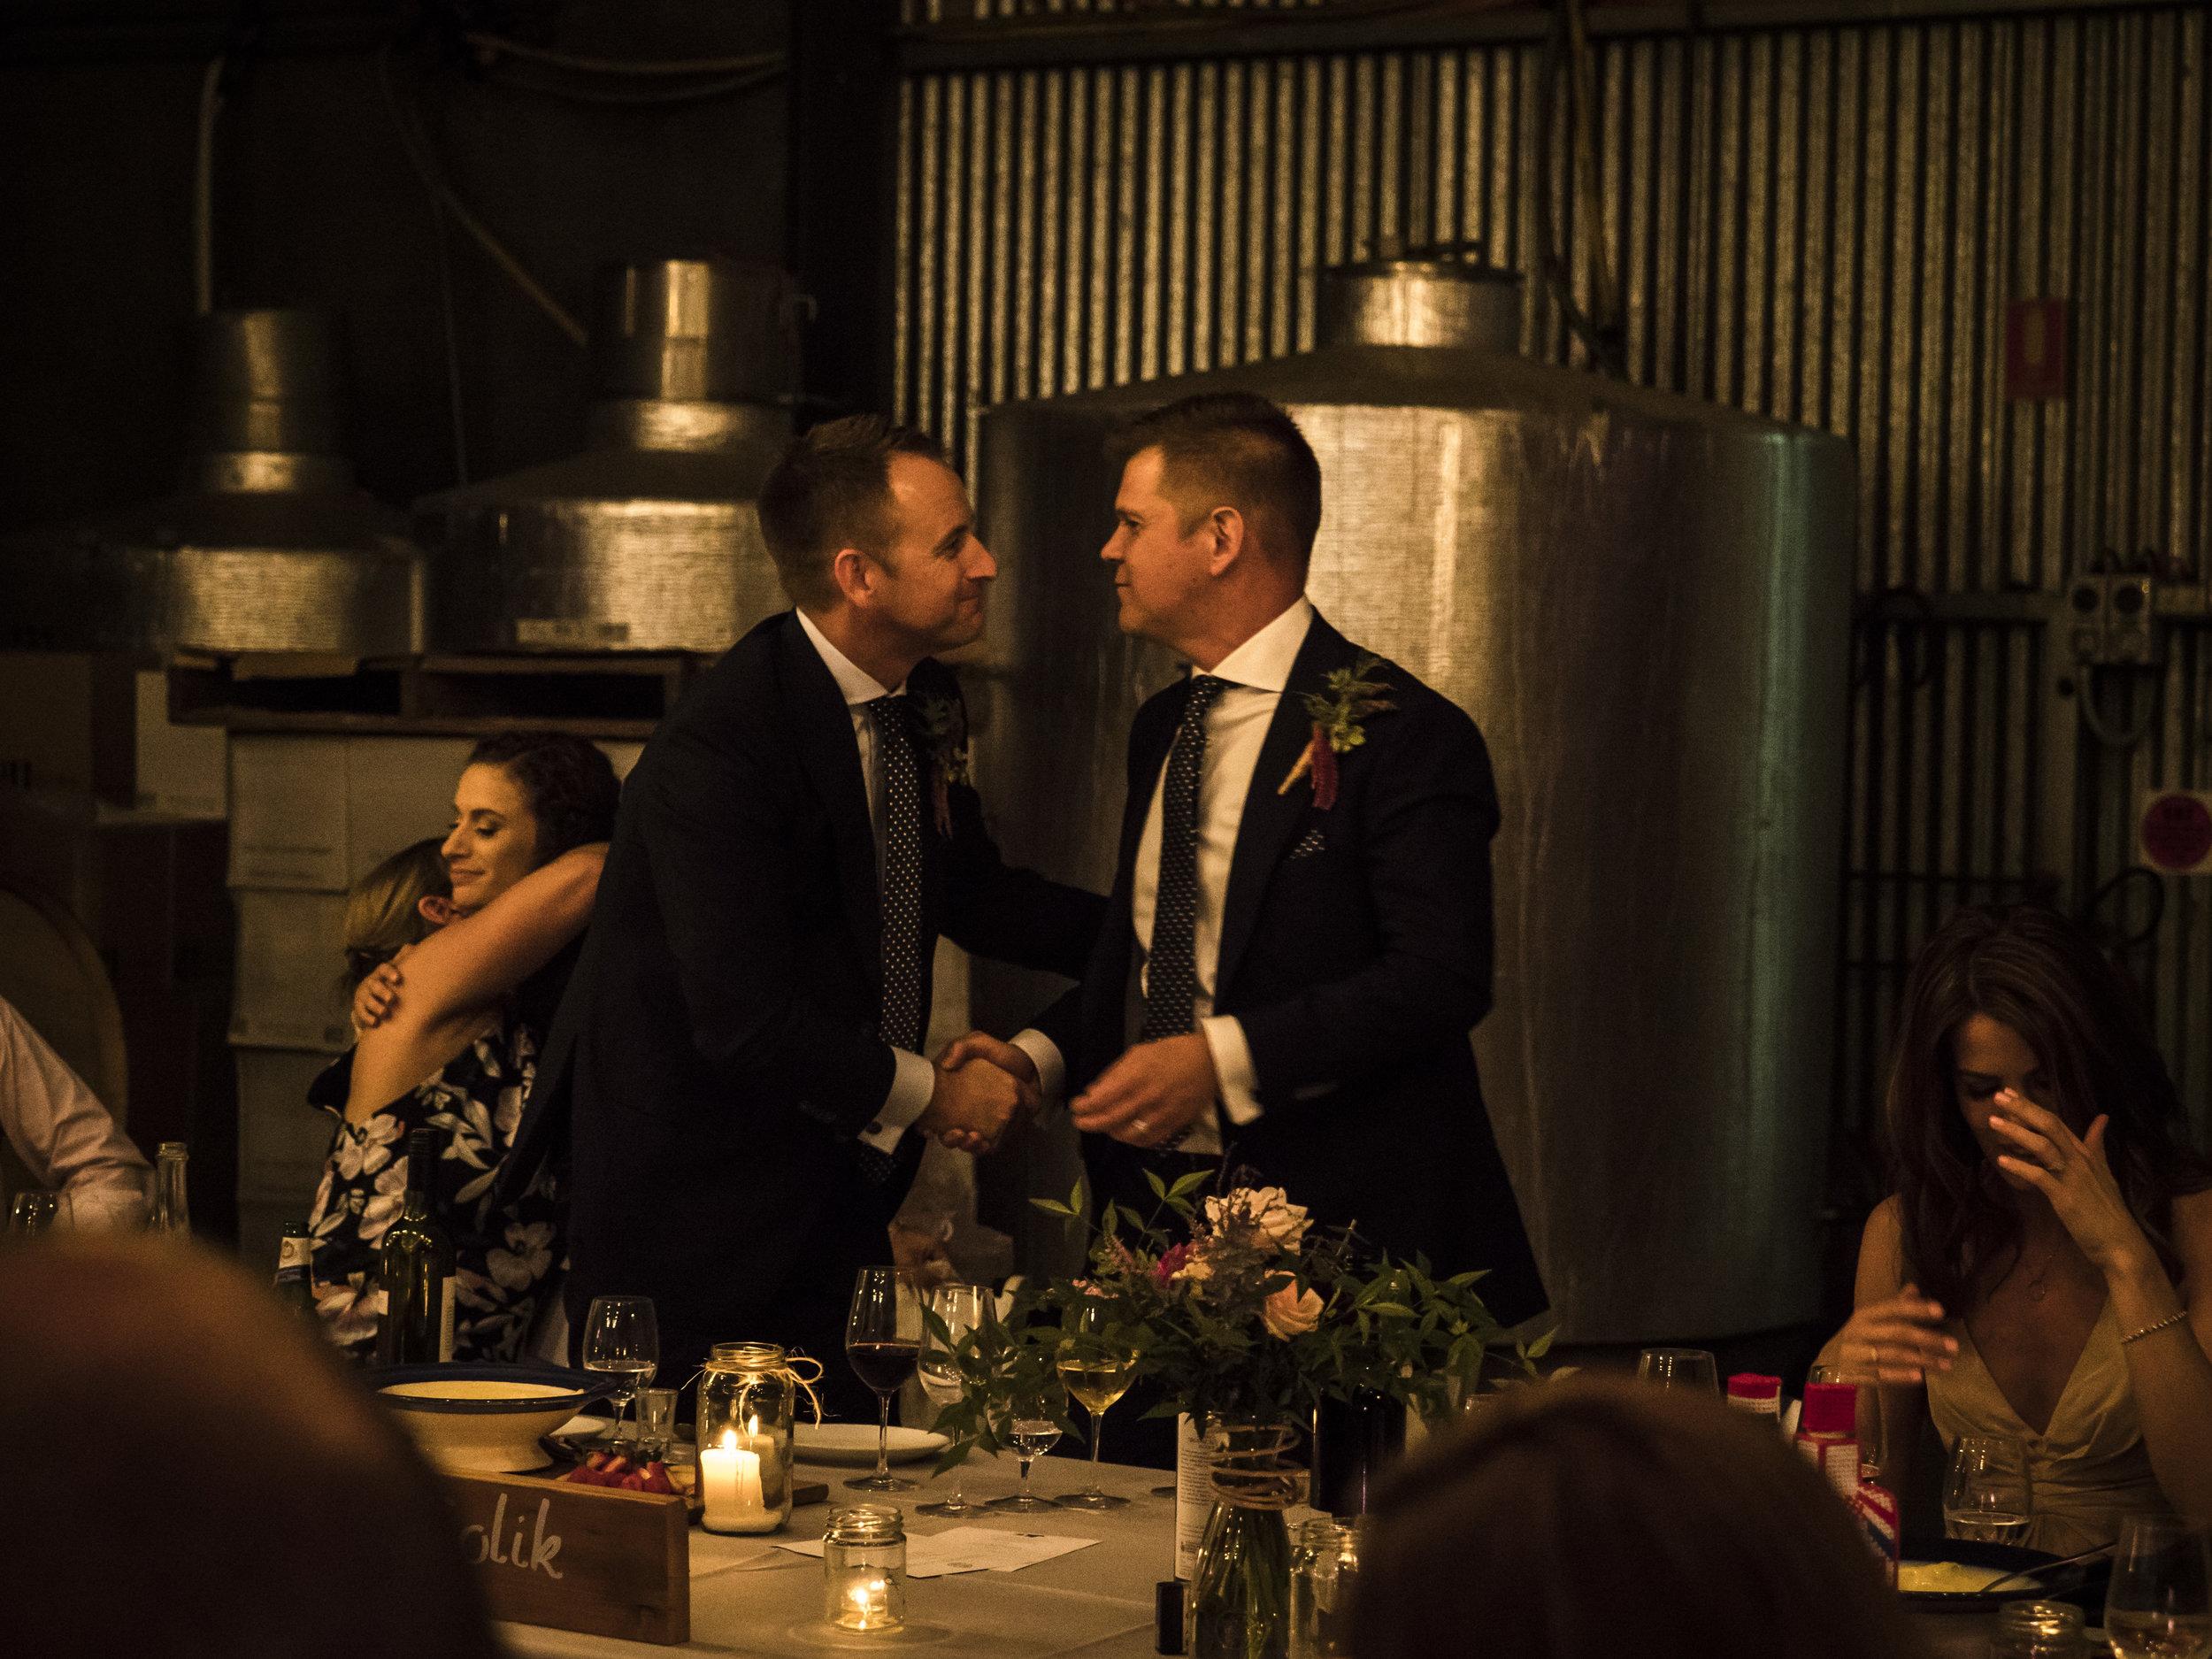 wedding551.jpg